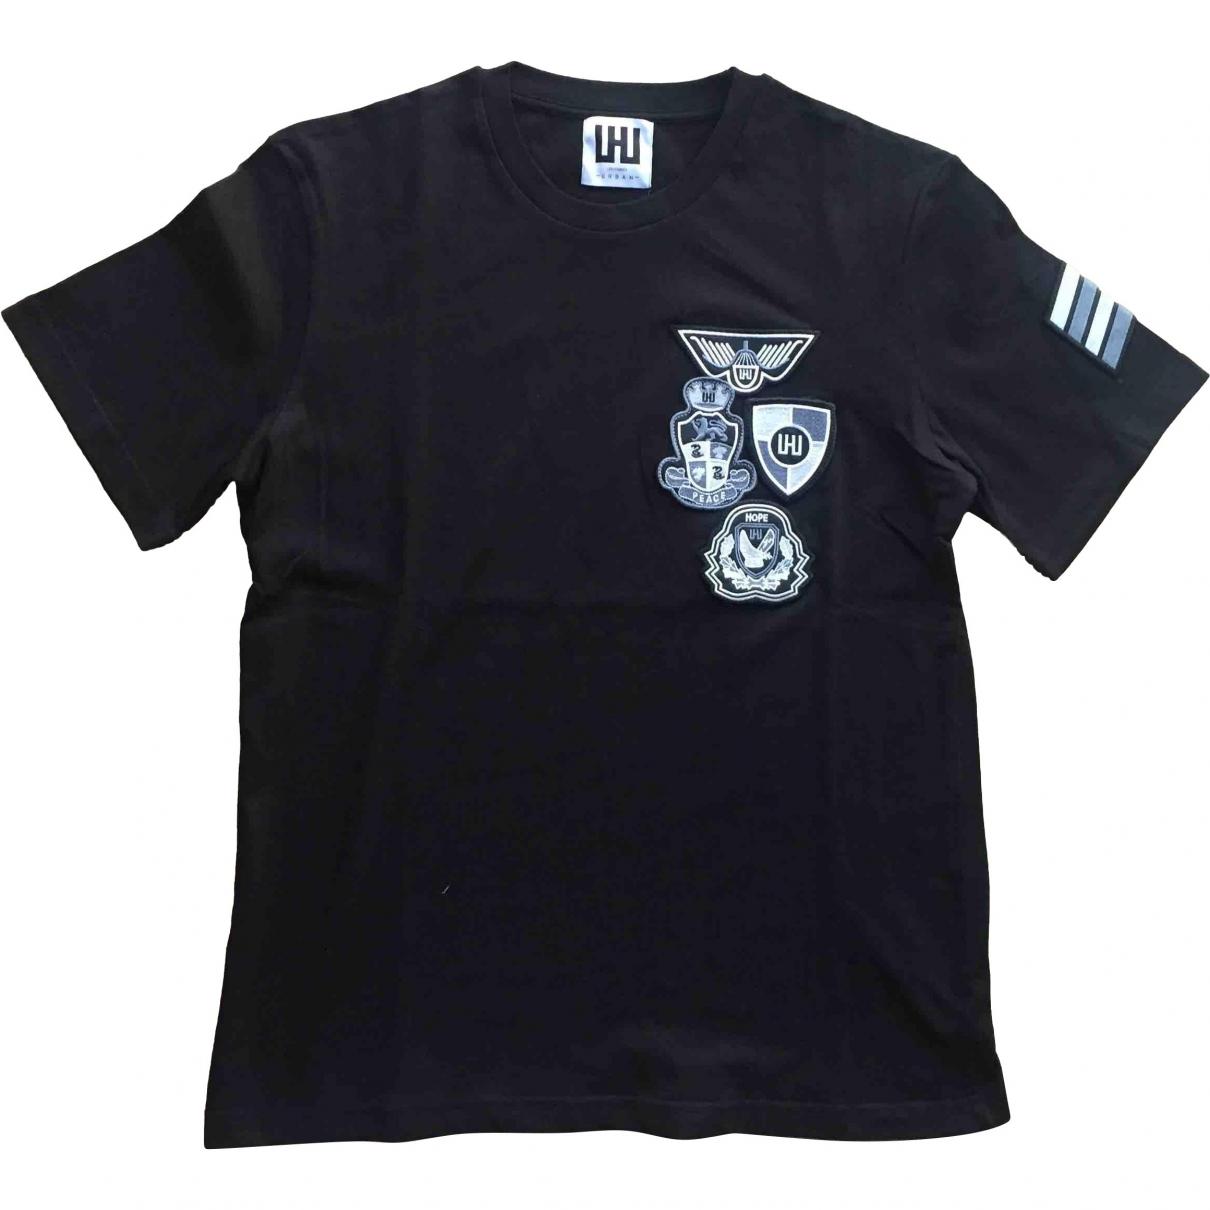 Les Hommes \N T-Shirts in  Schwarz Baumwolle